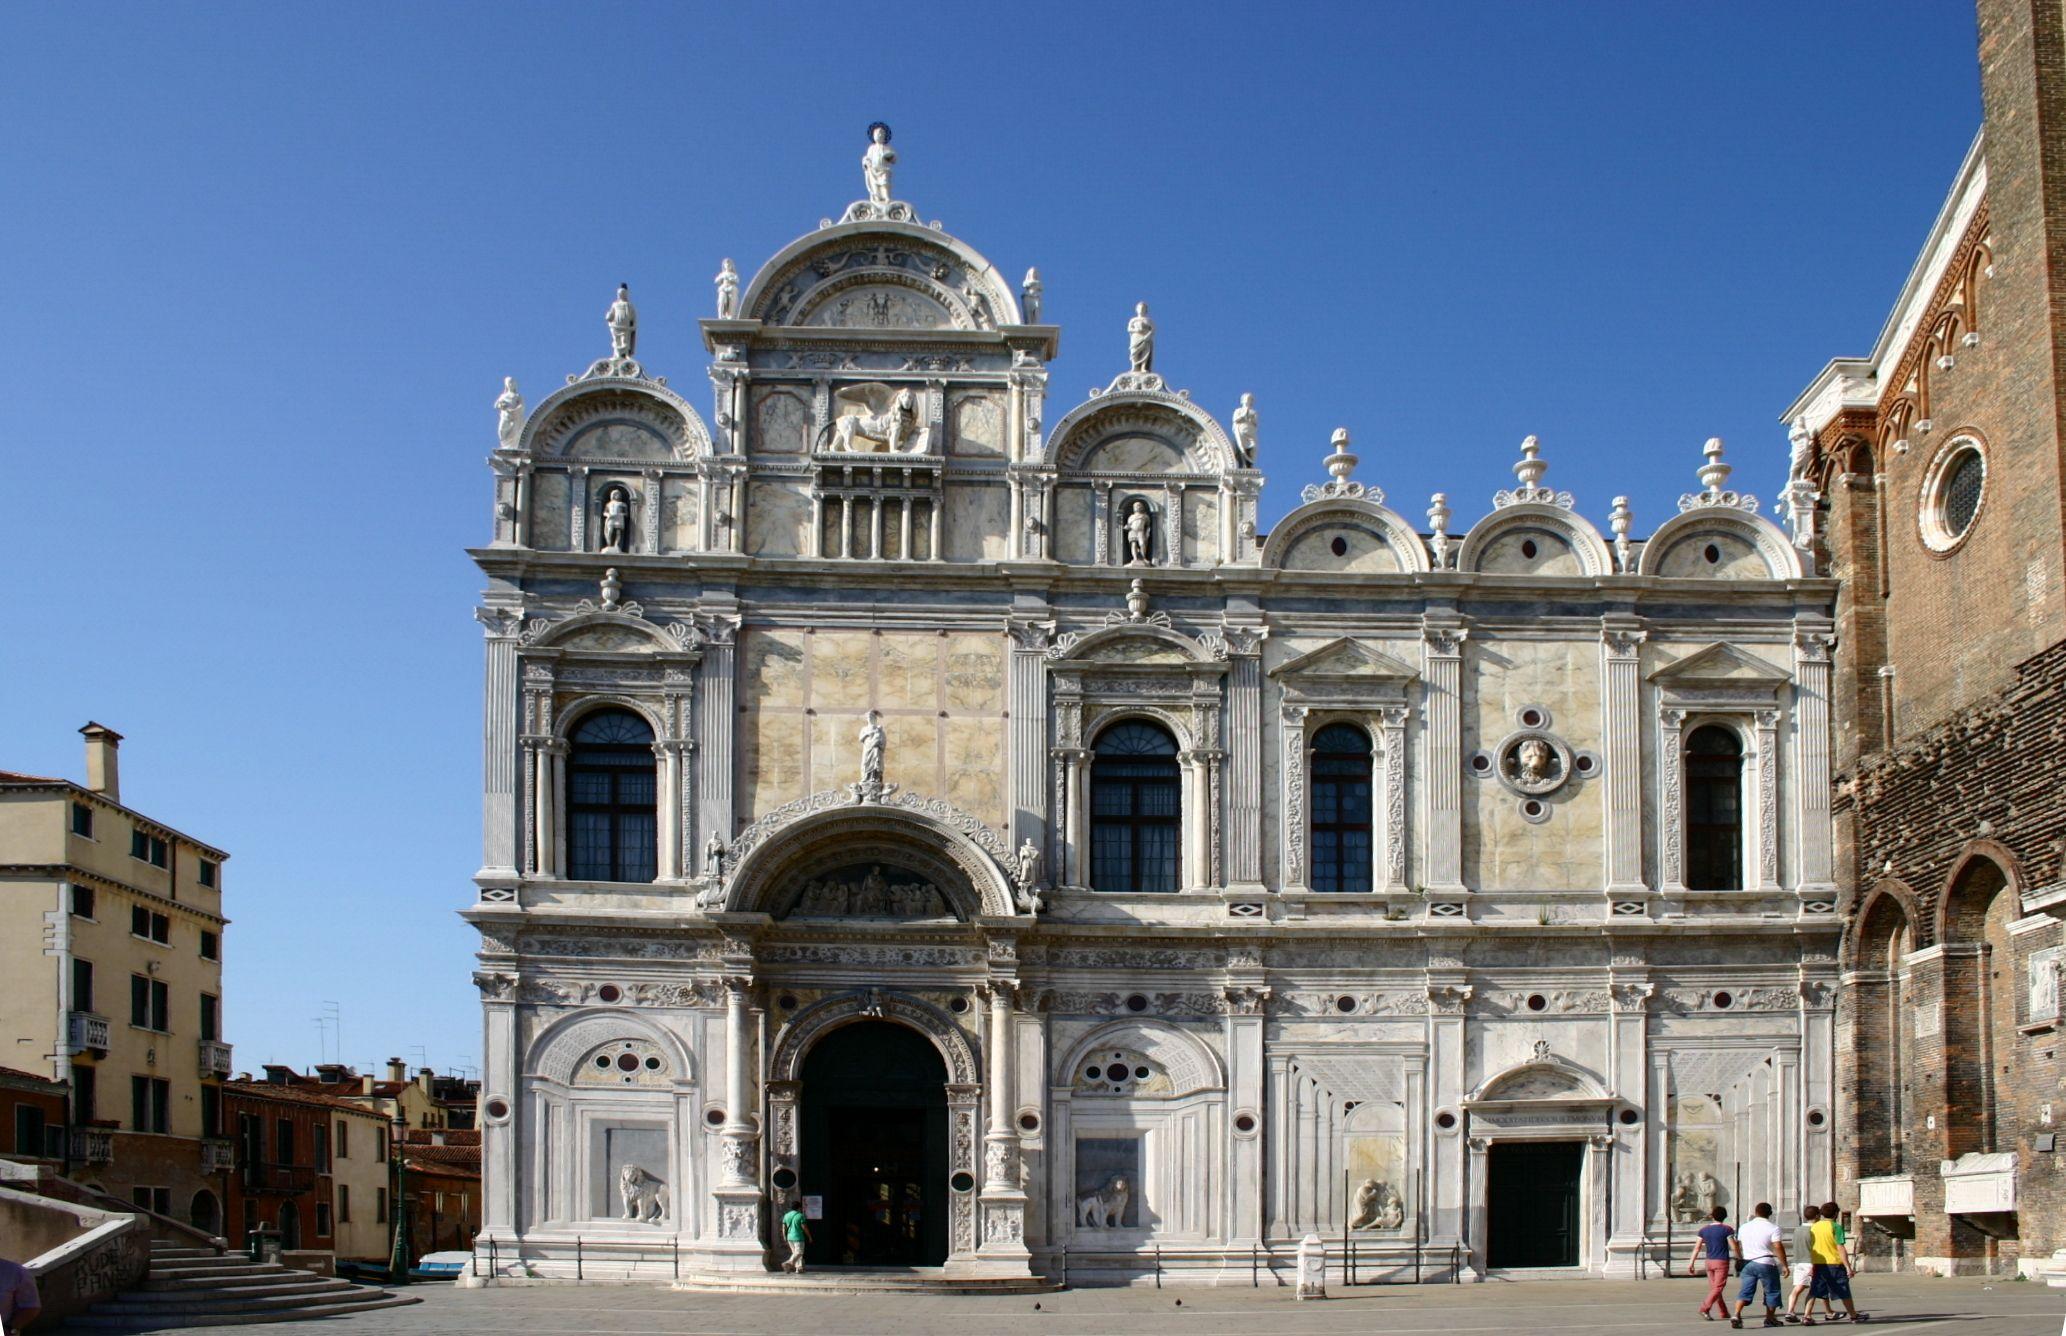 Scuola grande di san marco venice italian renaissance for Architecture venise